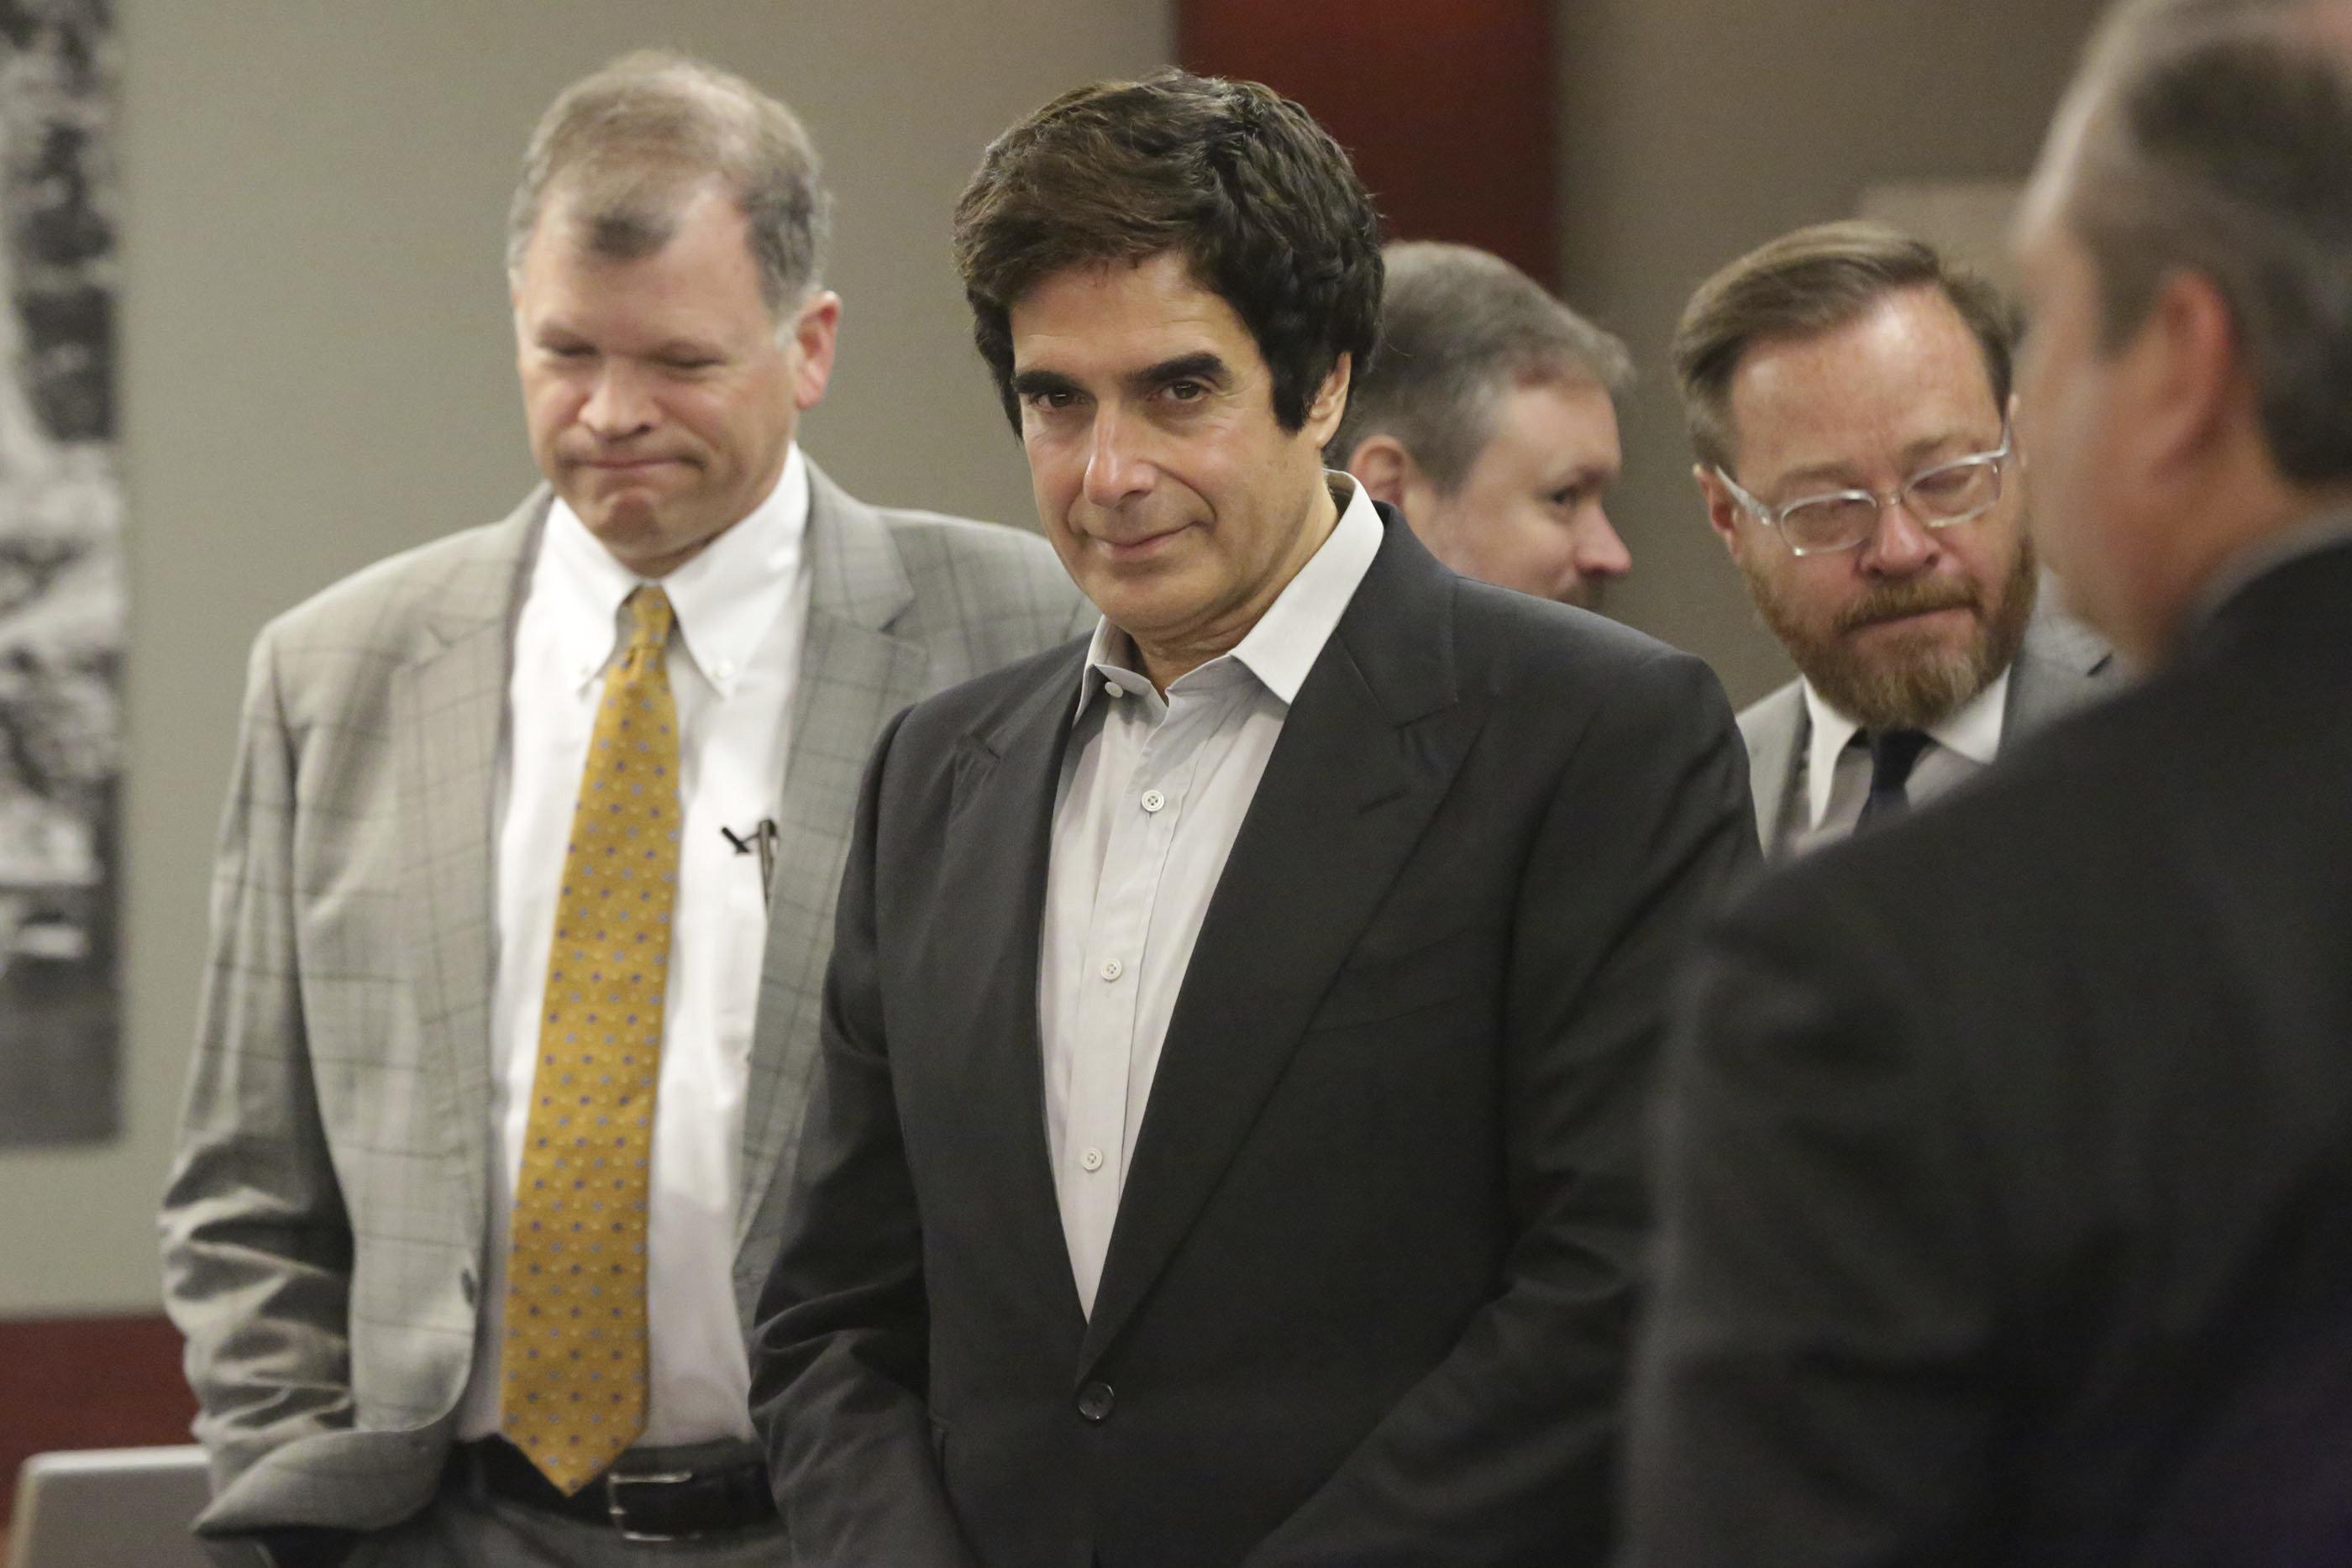 David Copperfield: Ein Gericht zwingt ihn, seinen größten Trick zu verraten